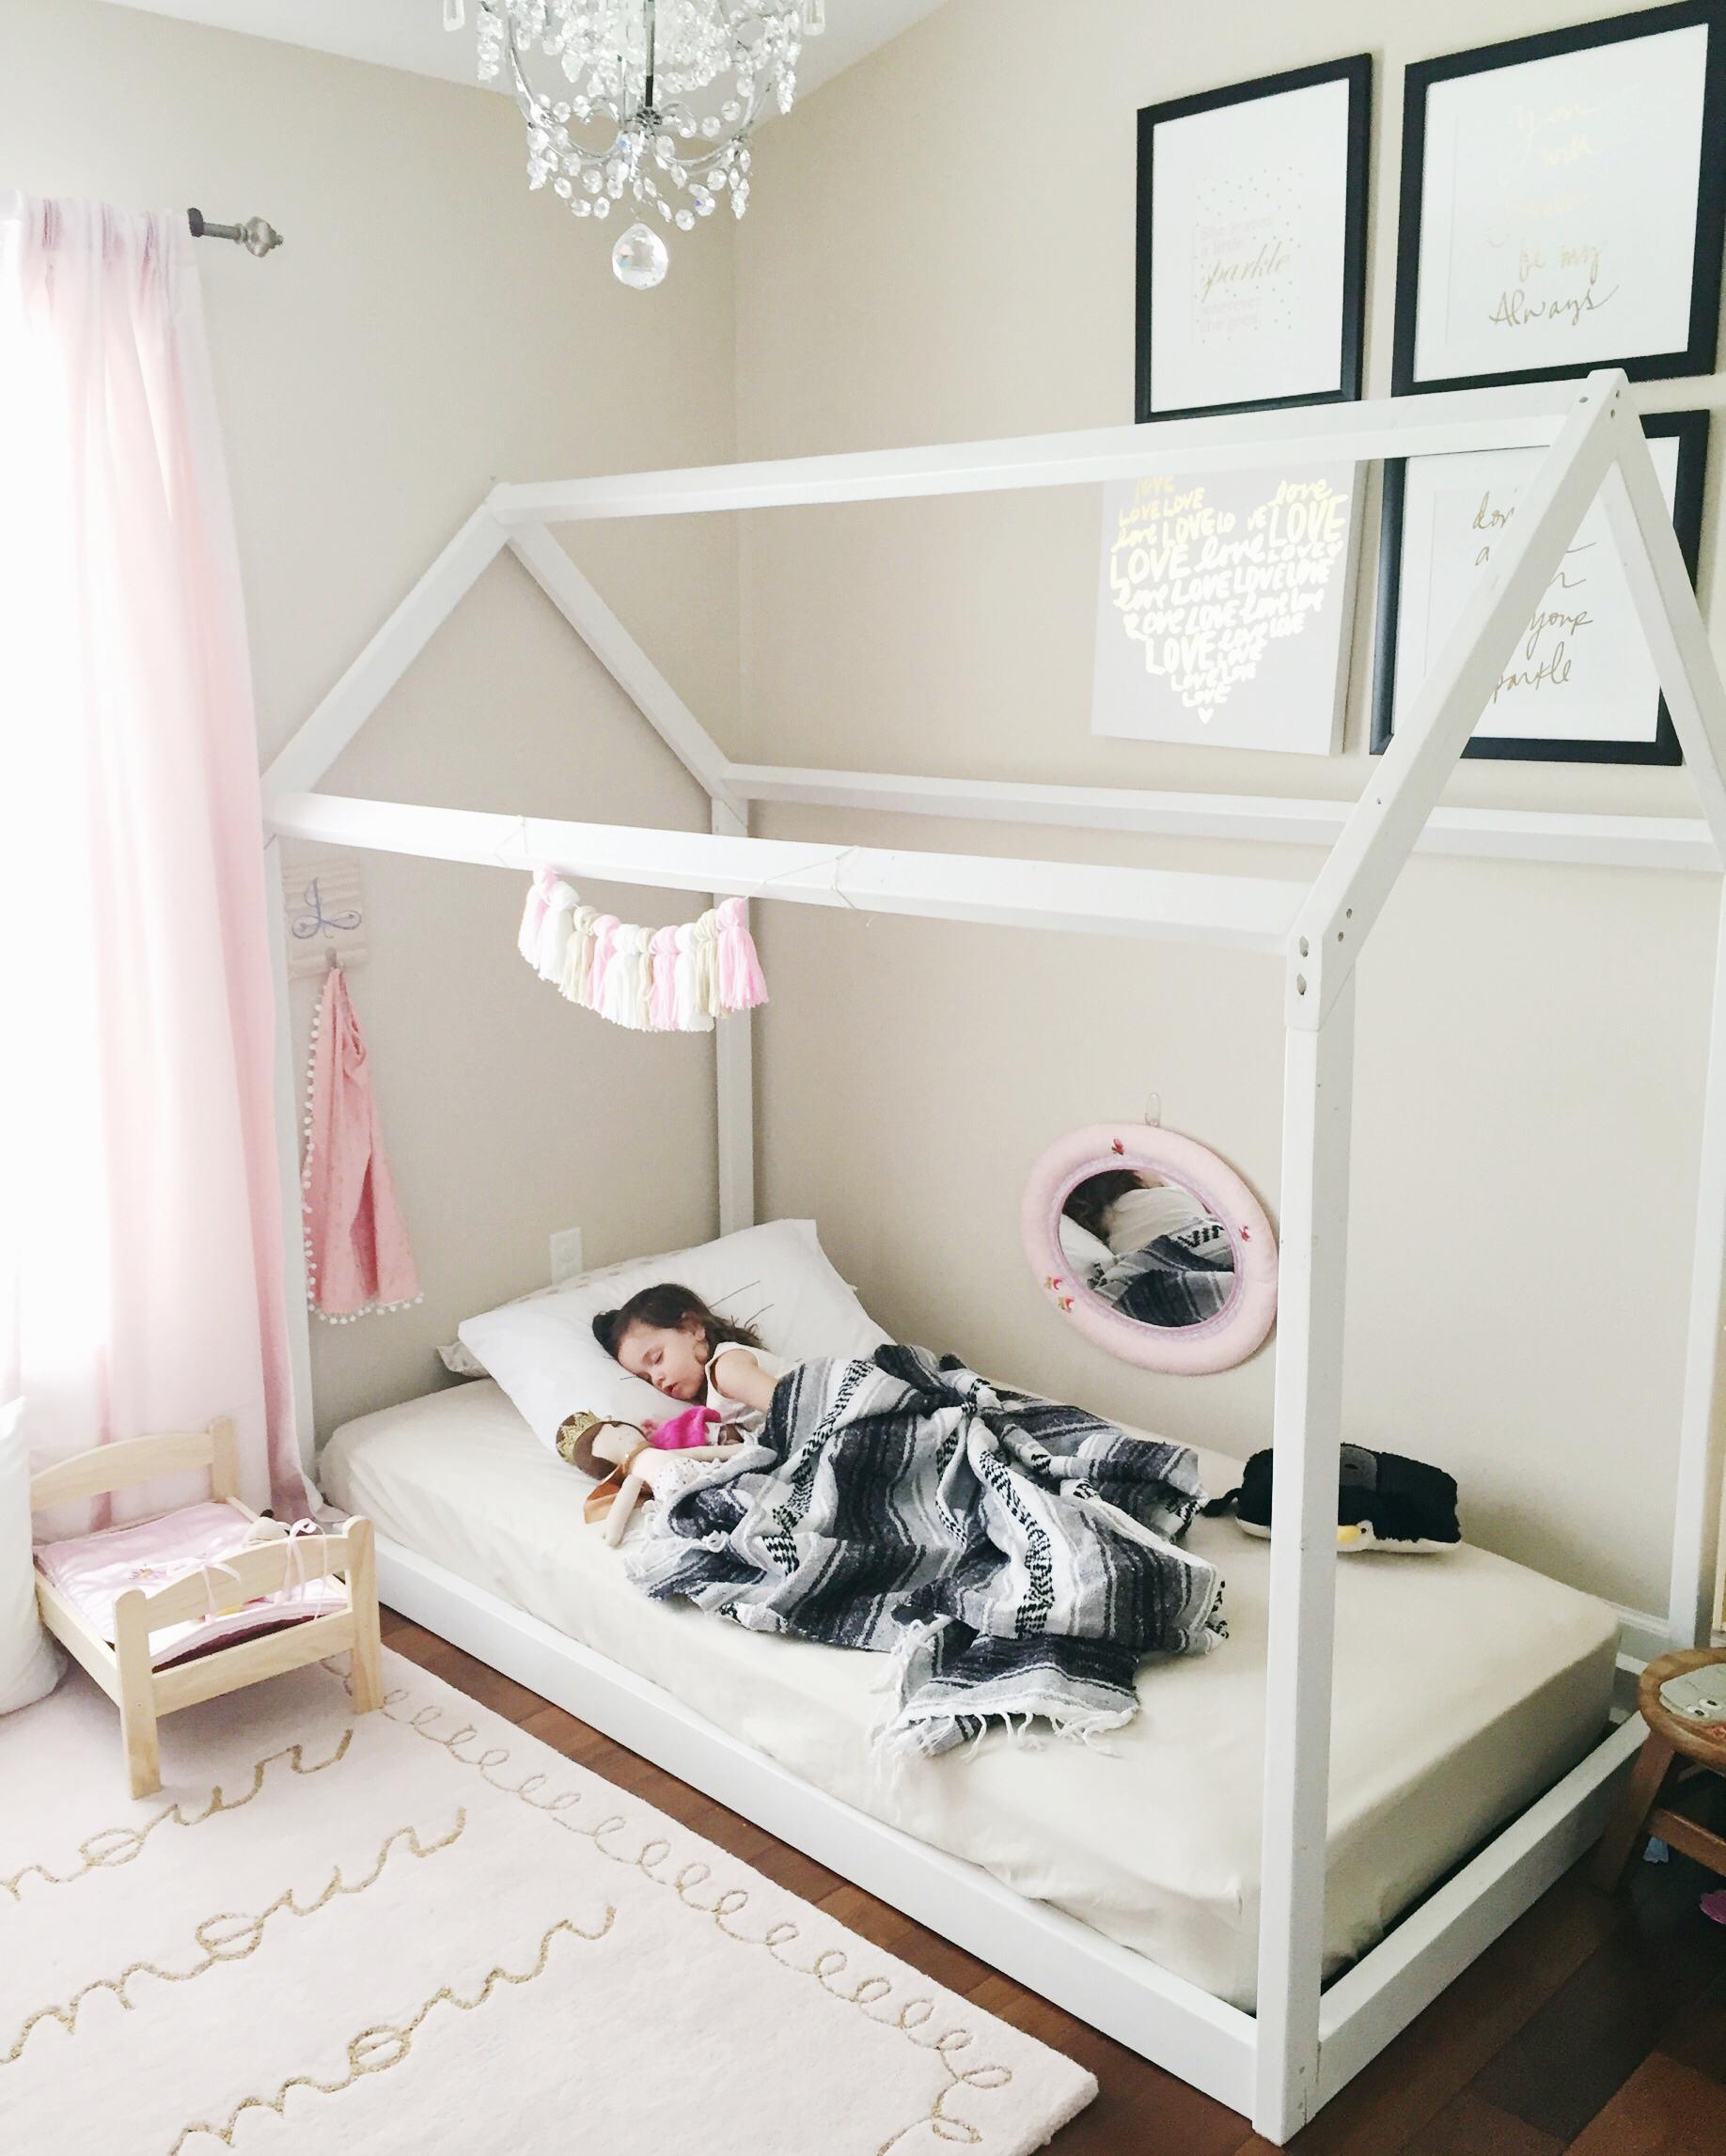 Montessori Floor Toddler Bed, Floor Bed, Toddler Bed, Toddler Floor Bed,  Montessori